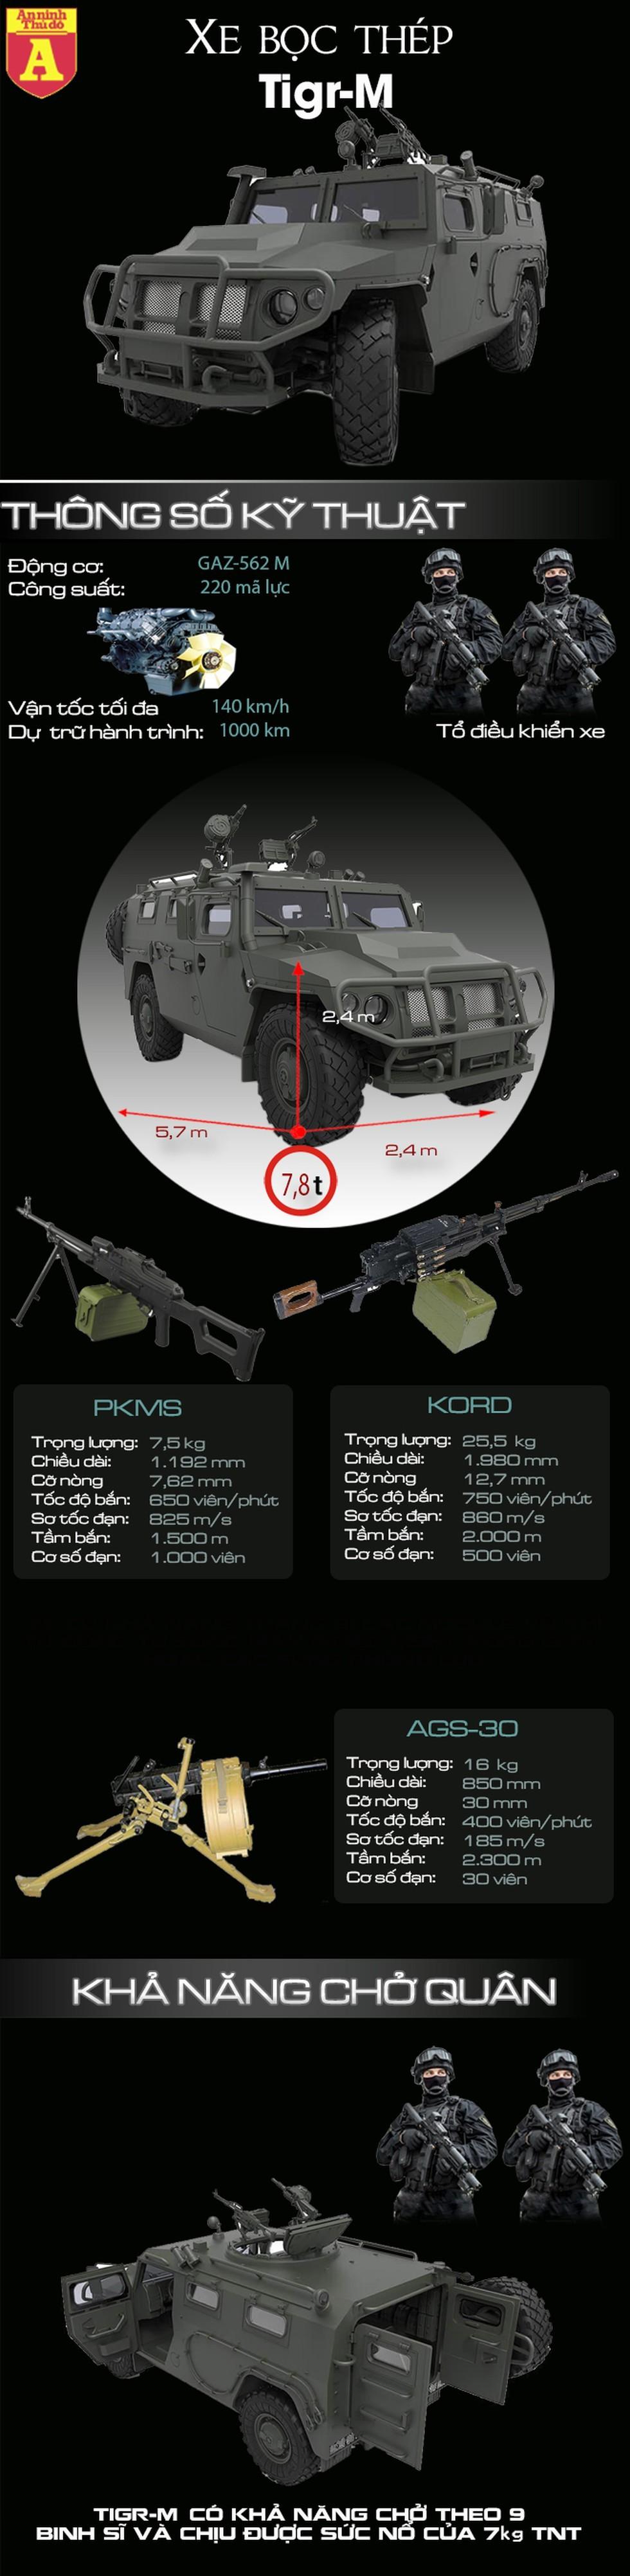 [Info] Xe bọc thép ưu việt của Nga vừa dính mìn tại chiến trường Syria ảnh 3